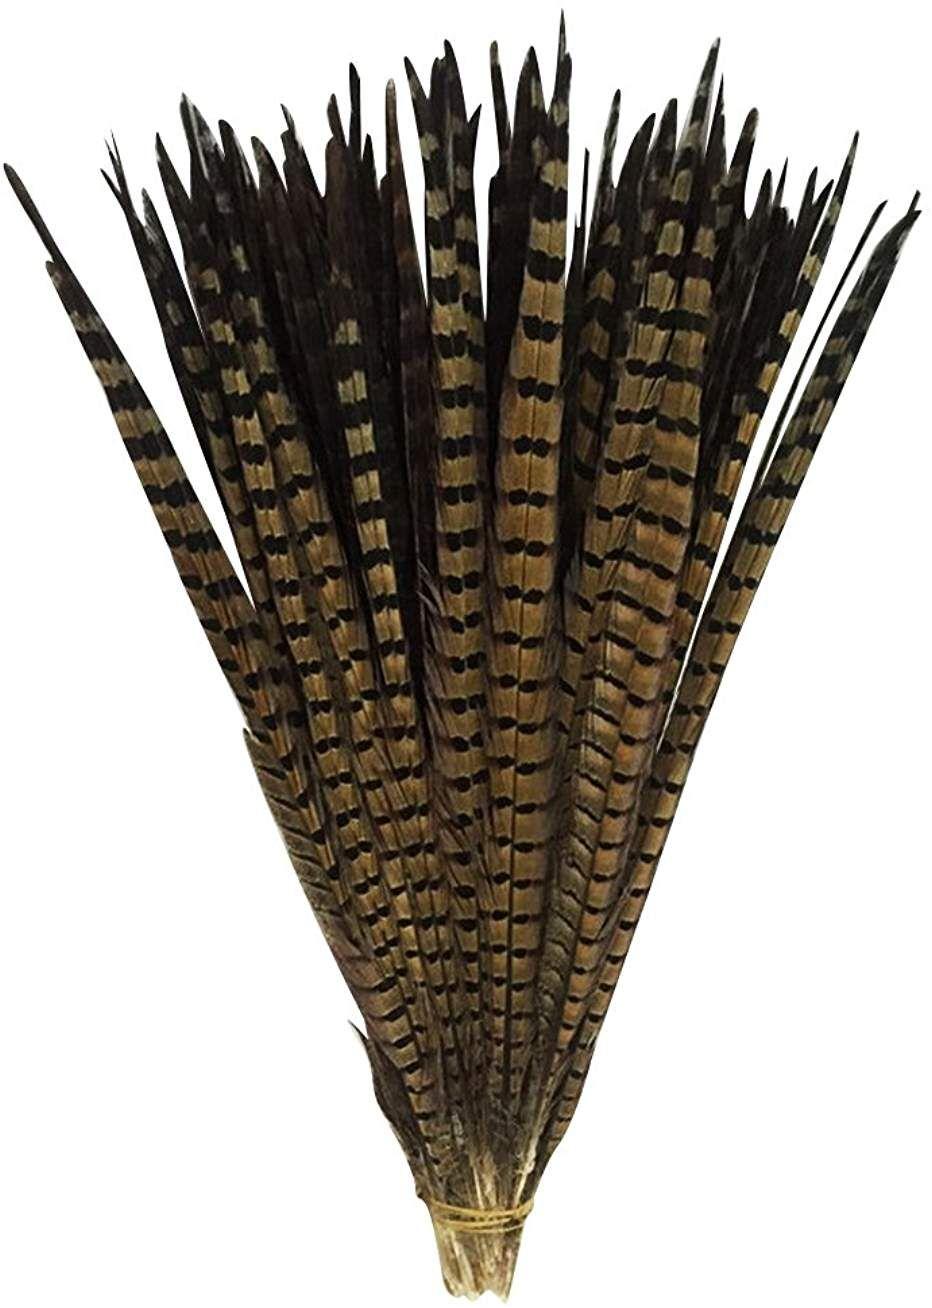 5 à 10cm.Décoration,Bricolage,Créatif,Artisanat Plumes de Faisan Alector Chukar